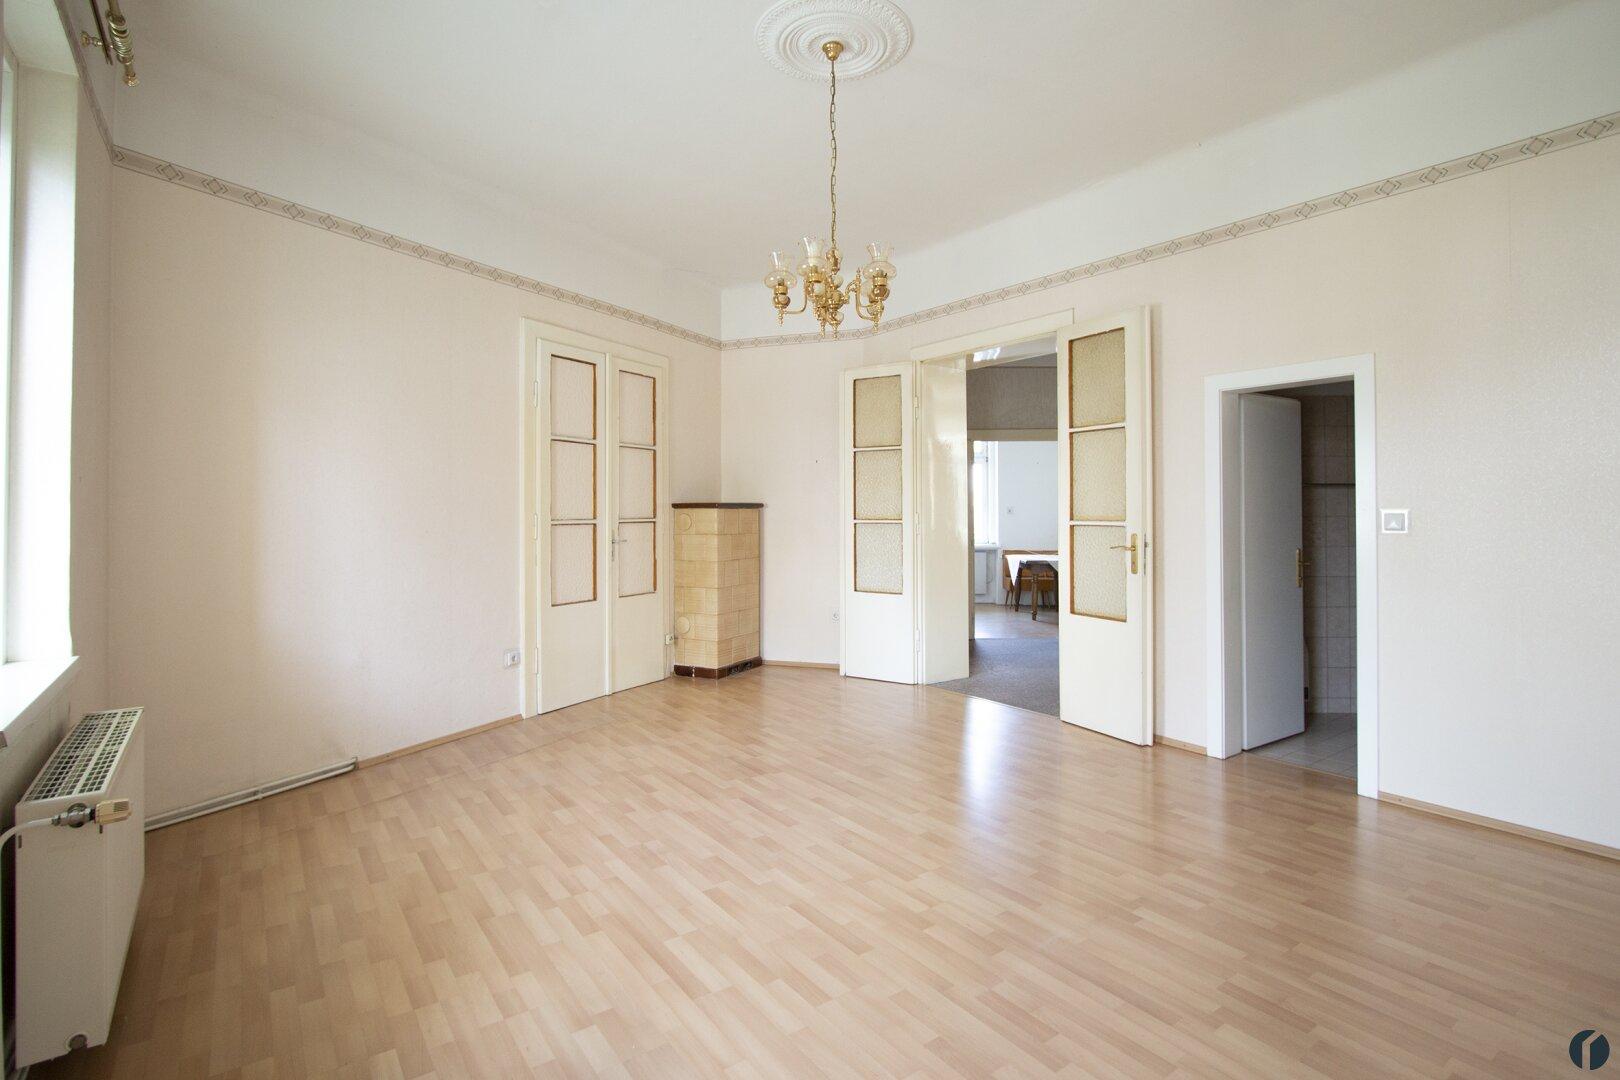 Zimmer 2 mit möglicher Verbindungstür zu Zimmer 3